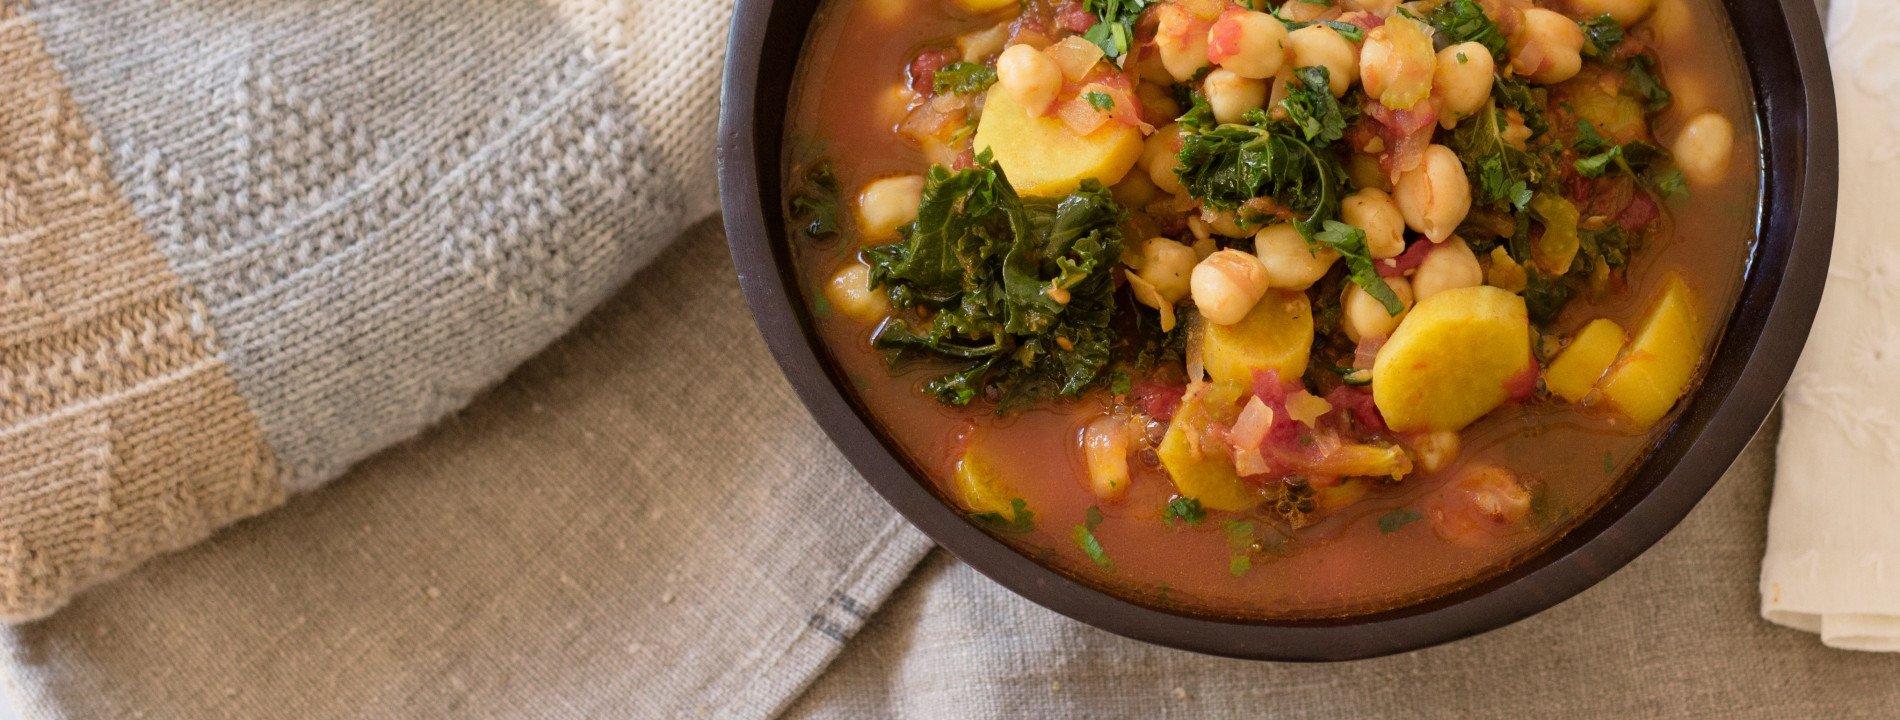 Guisado de Grão-de-Bico, Batata Doce e Kale